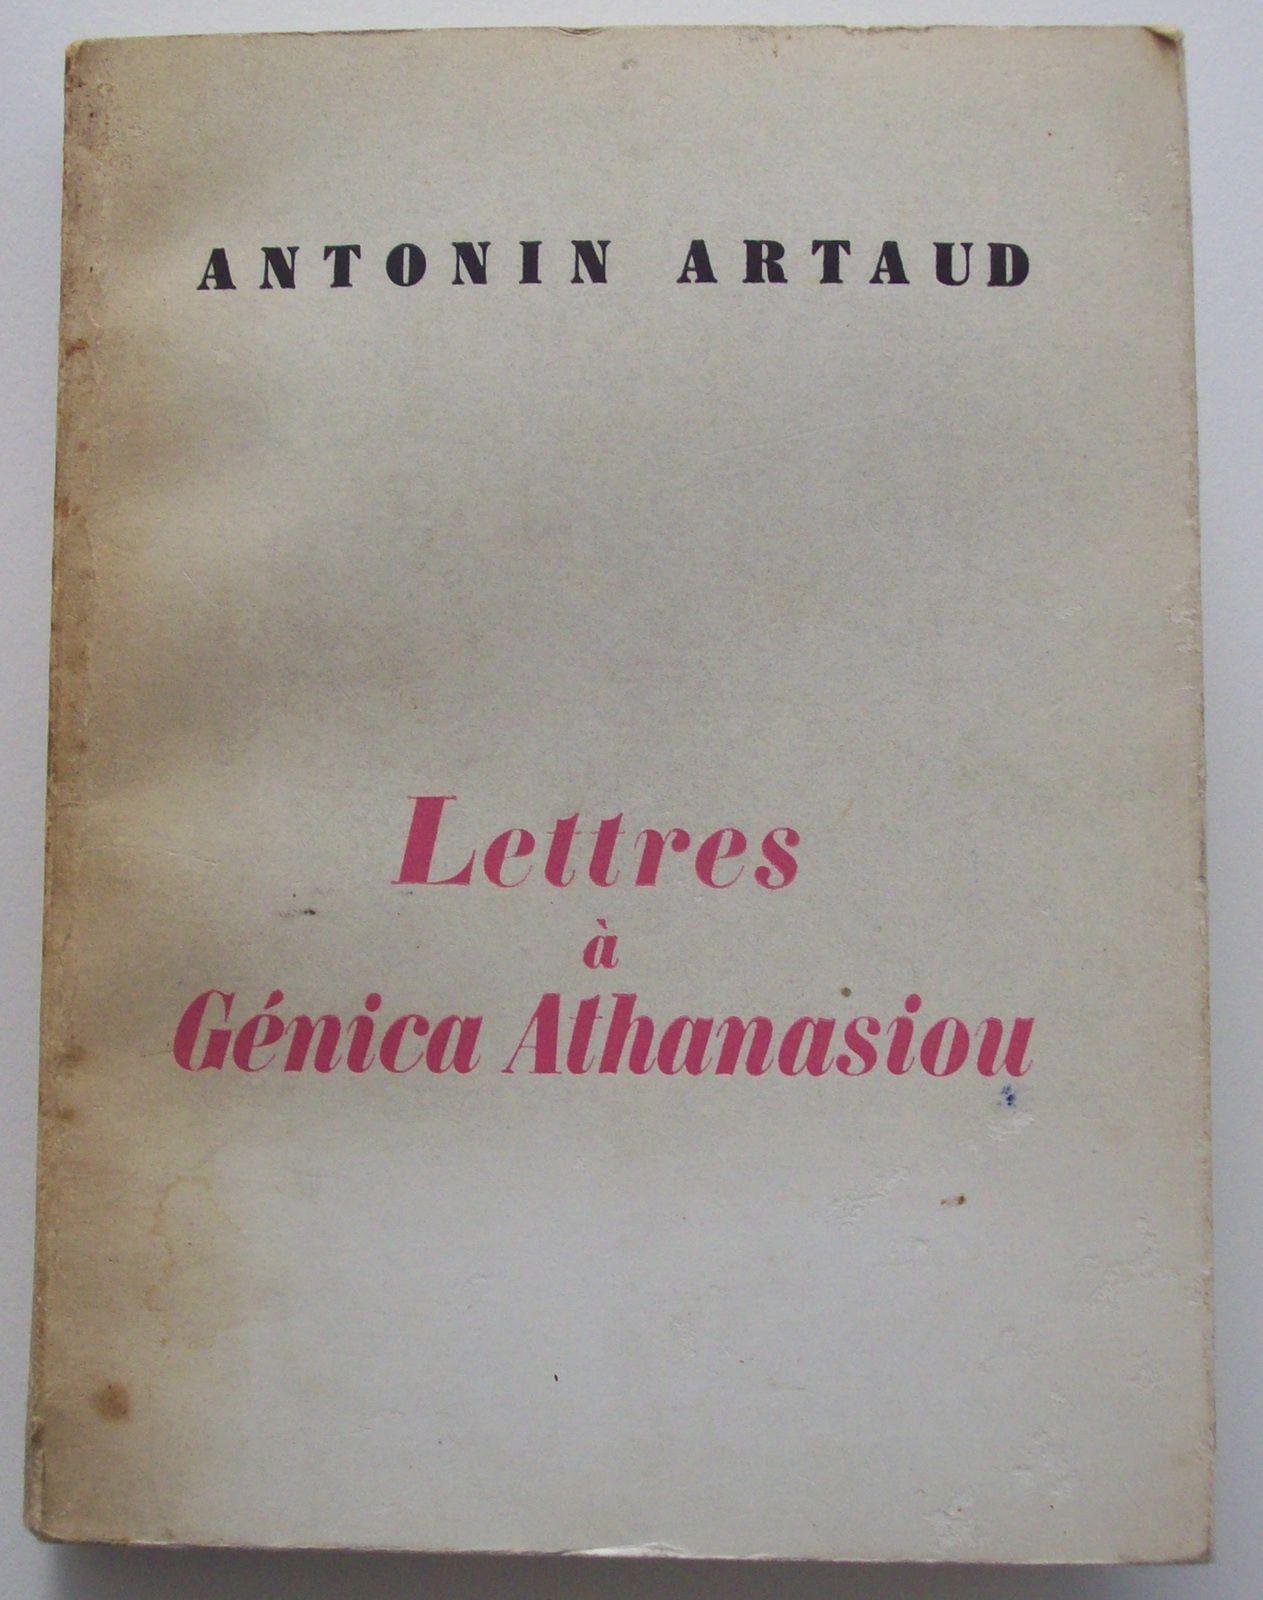 Autoportrait (frontispice) d'Artaud, vers 1920-1921.// Artaud: portrait de Génica Athanasiou.// Lettre du 9 août 1922. // Premier mot d'Artaud reçu par Génica daté de 1921.